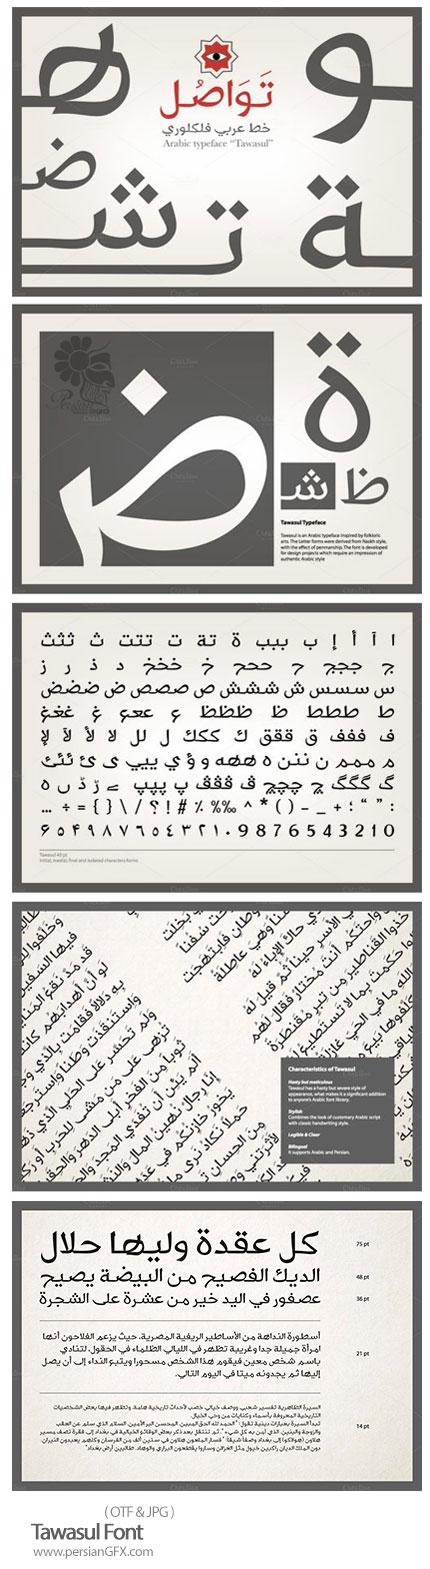 دانلود فونت عربی تواصل - Tawasul Font